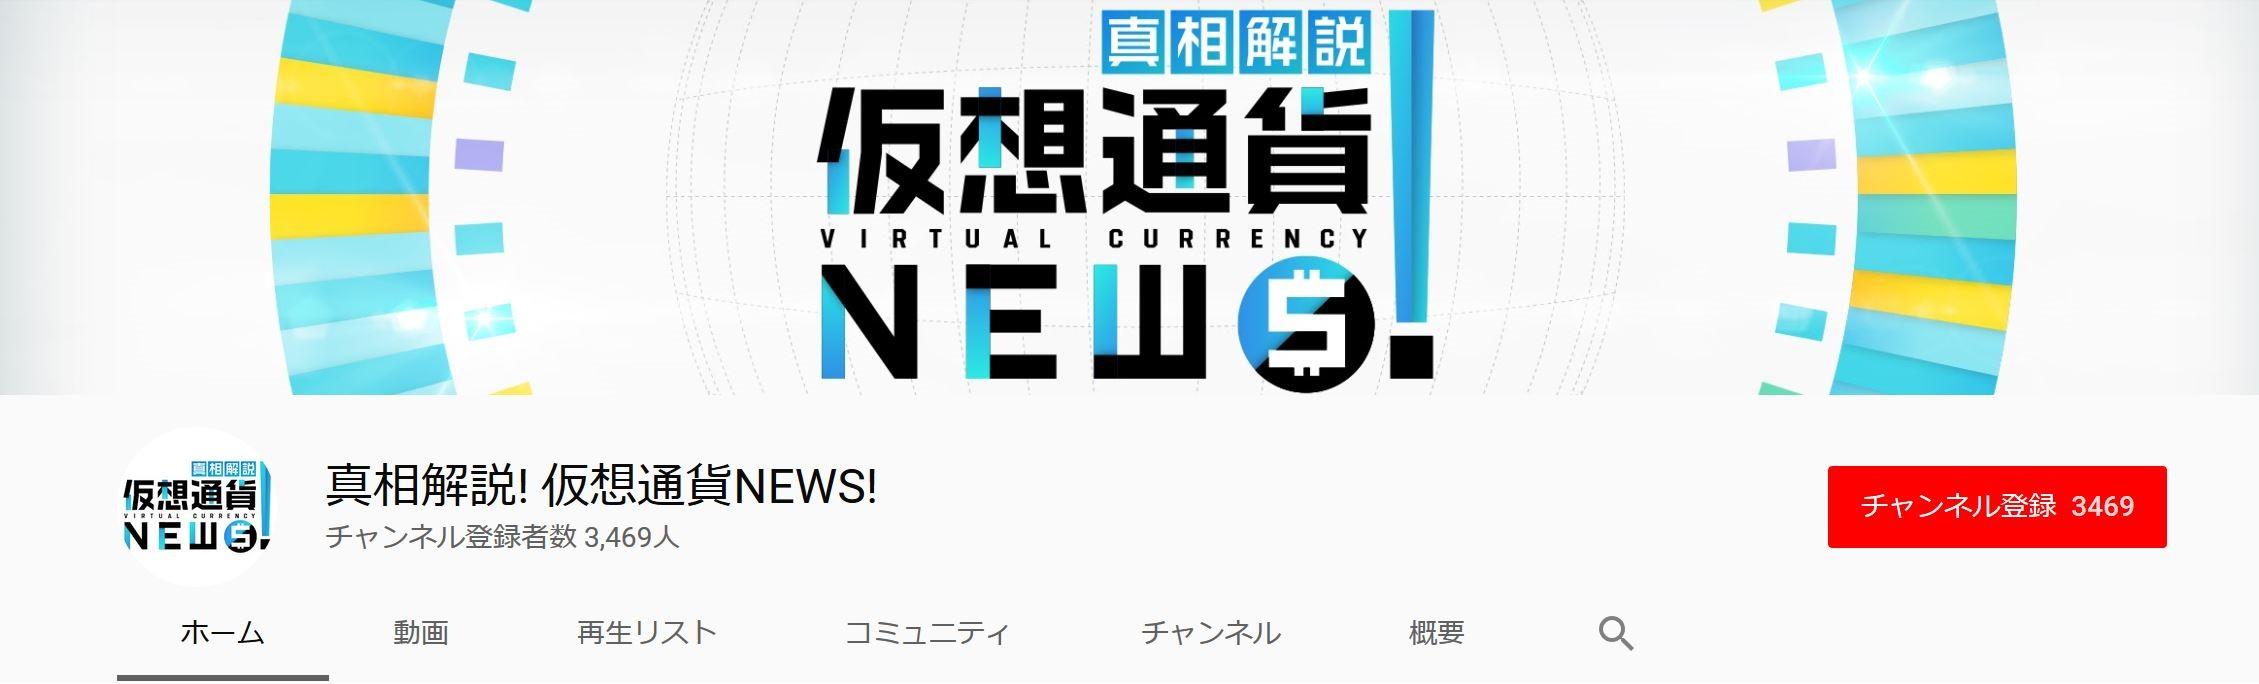 真相解説! 真相解説! 仮想通貨NEWS!にカルダノ(エイダ)仮想通貨NEWS!-2